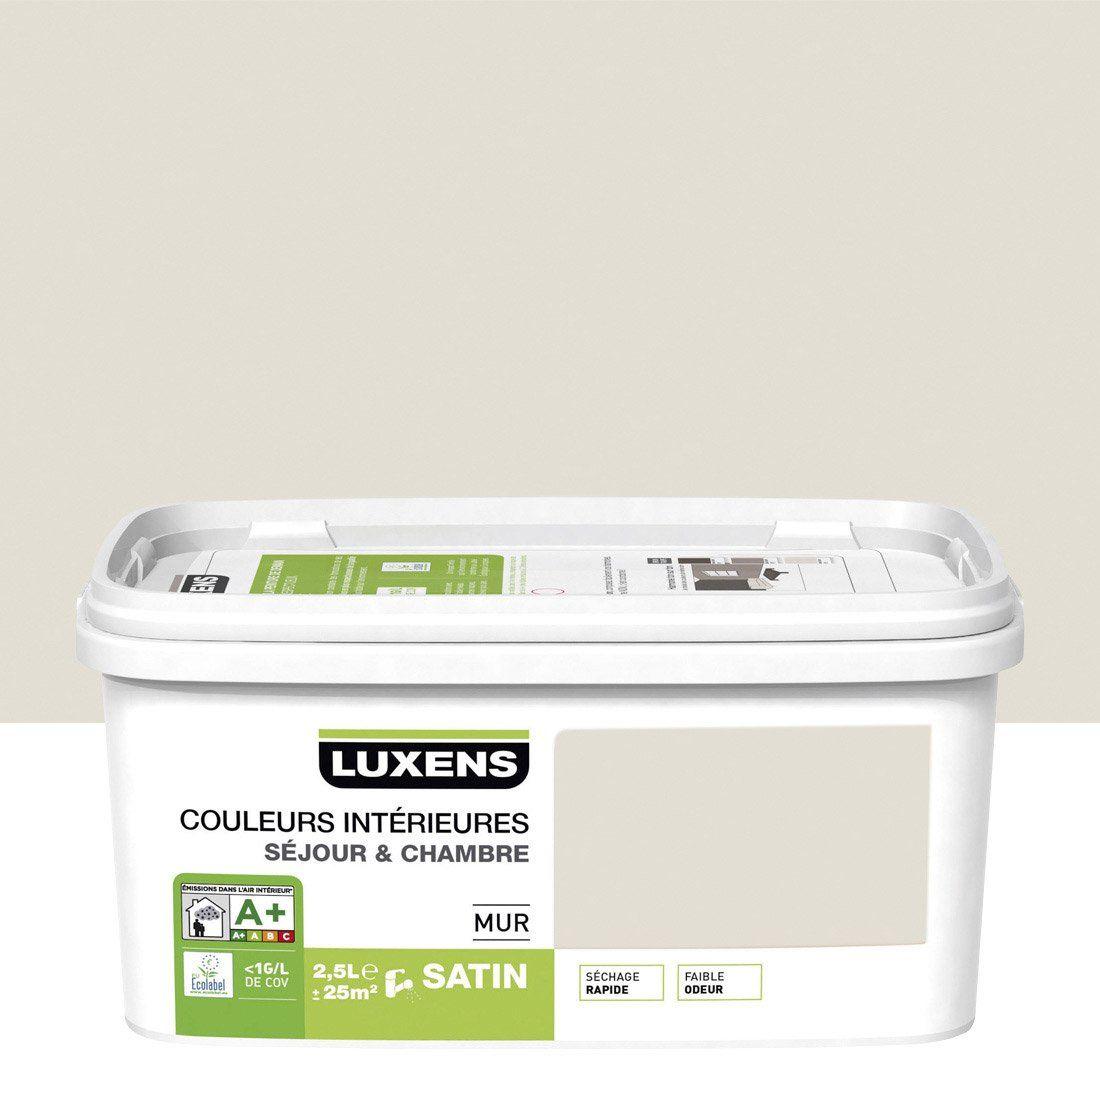 peinture blanc lin 2 luxens couleurs intrieures 25 l leroy merlin - Peinture Murale Couleur Lin